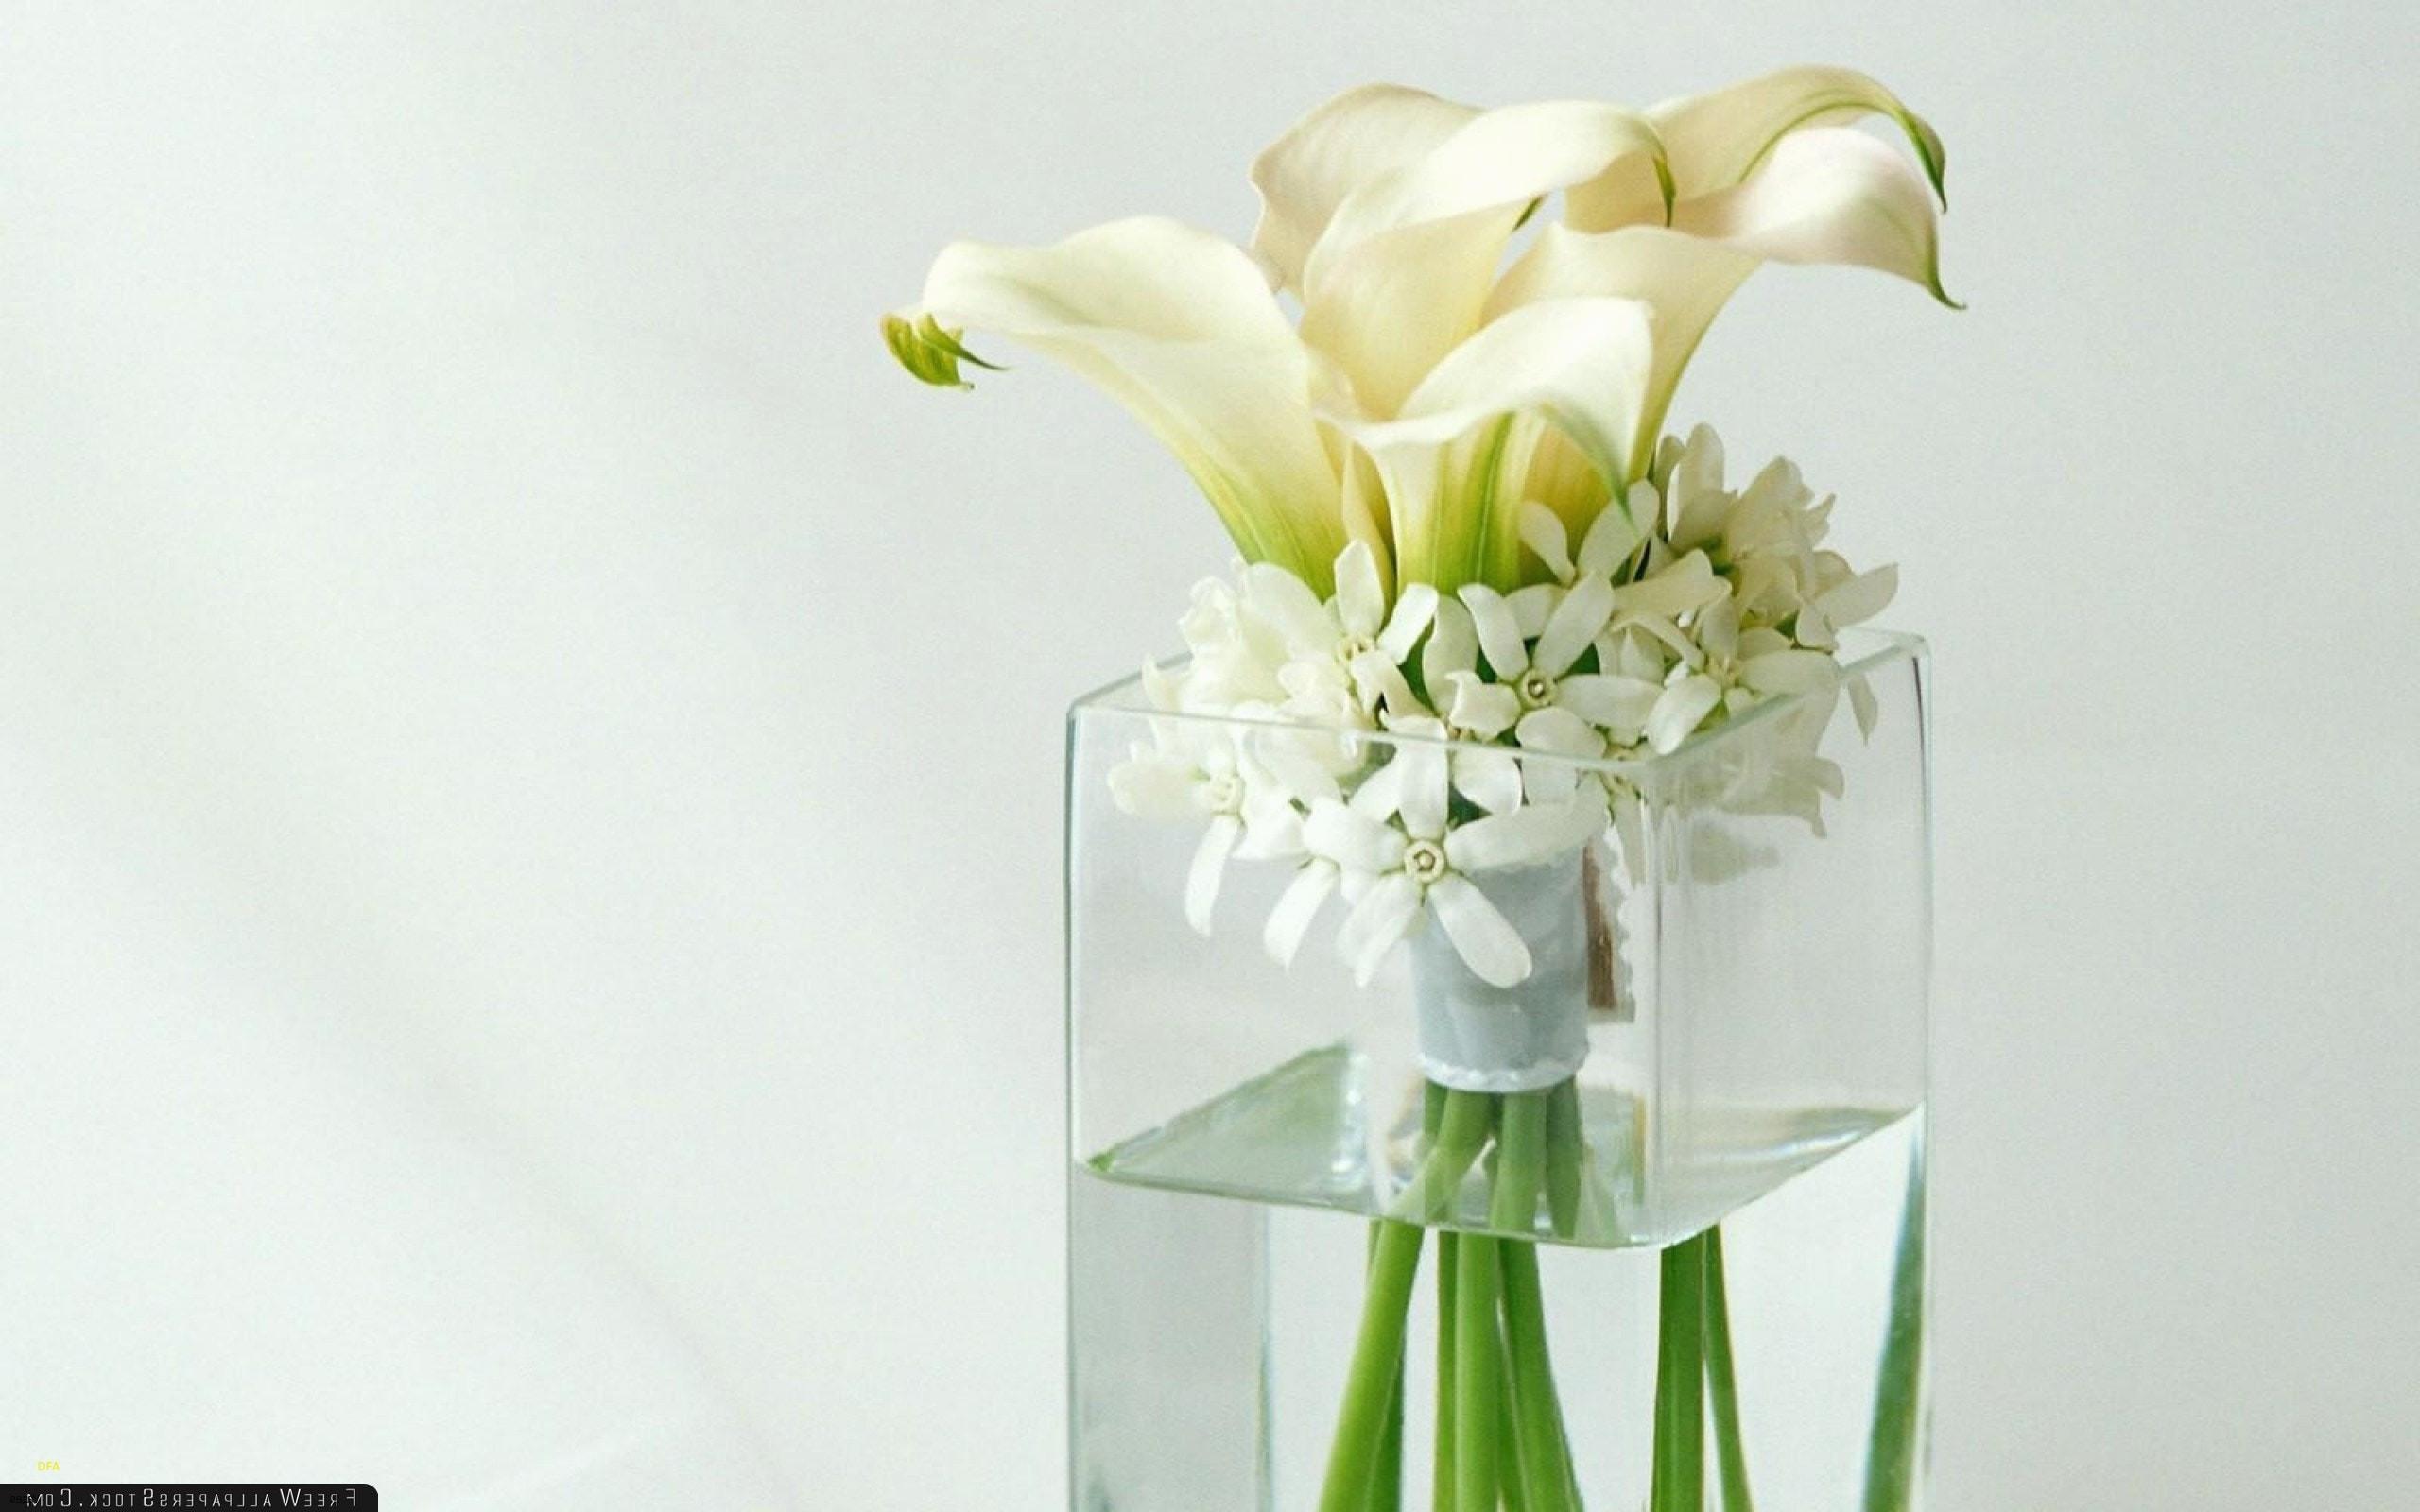 ice cream cone flower vase of 27 elegant flower vase ideas for decorating flower decoration ideas with regard to flower vase ideas for decorating fresh fall season decoration elegant tall vase centerpiece ideas vases